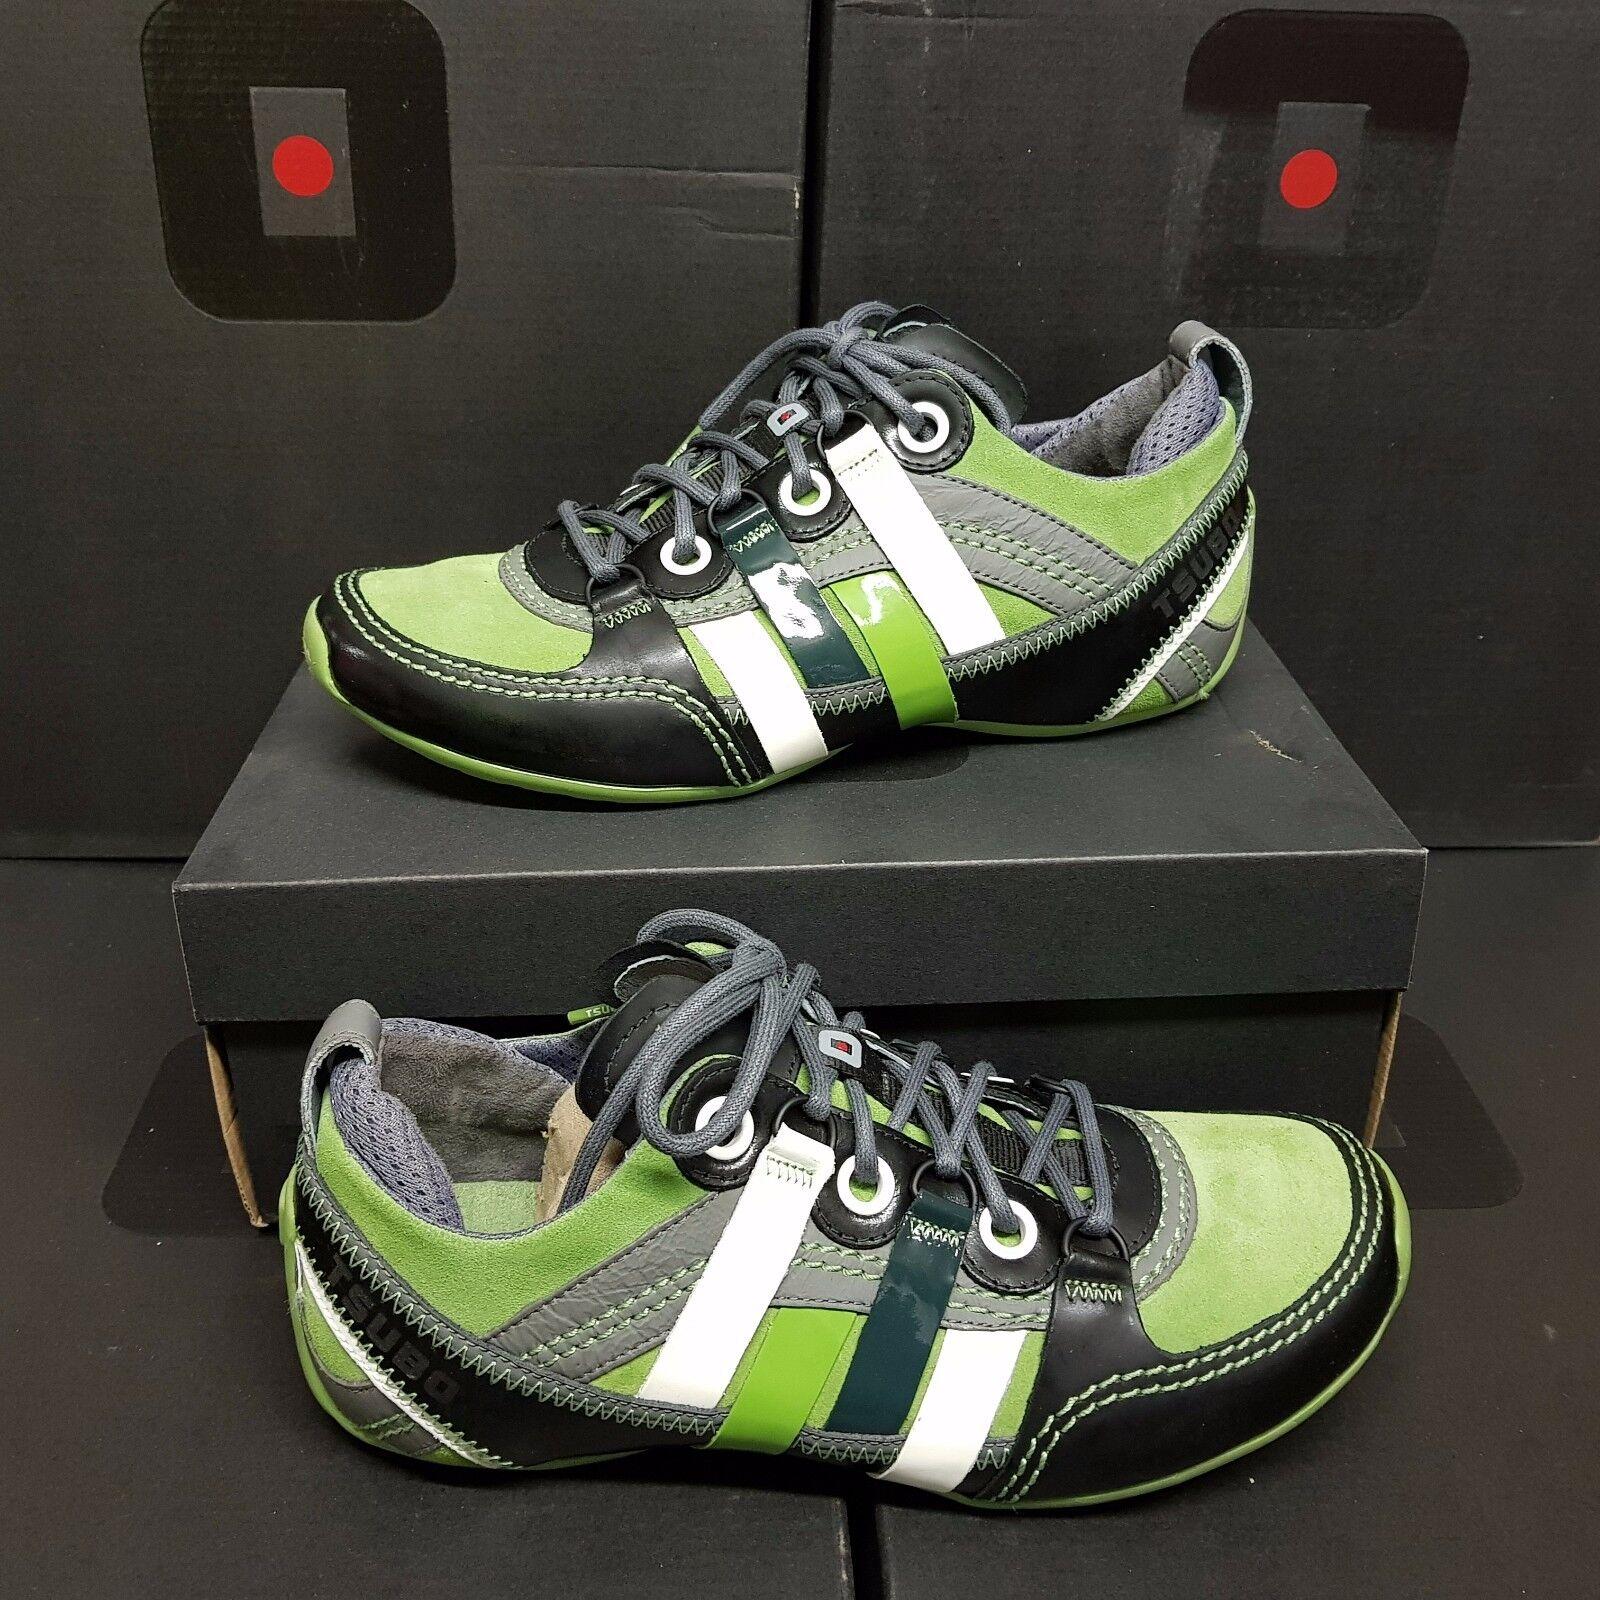 TSUBO  Tycho  Men's zapatillas zapatos Cuir verde US 8.5 (rrp )